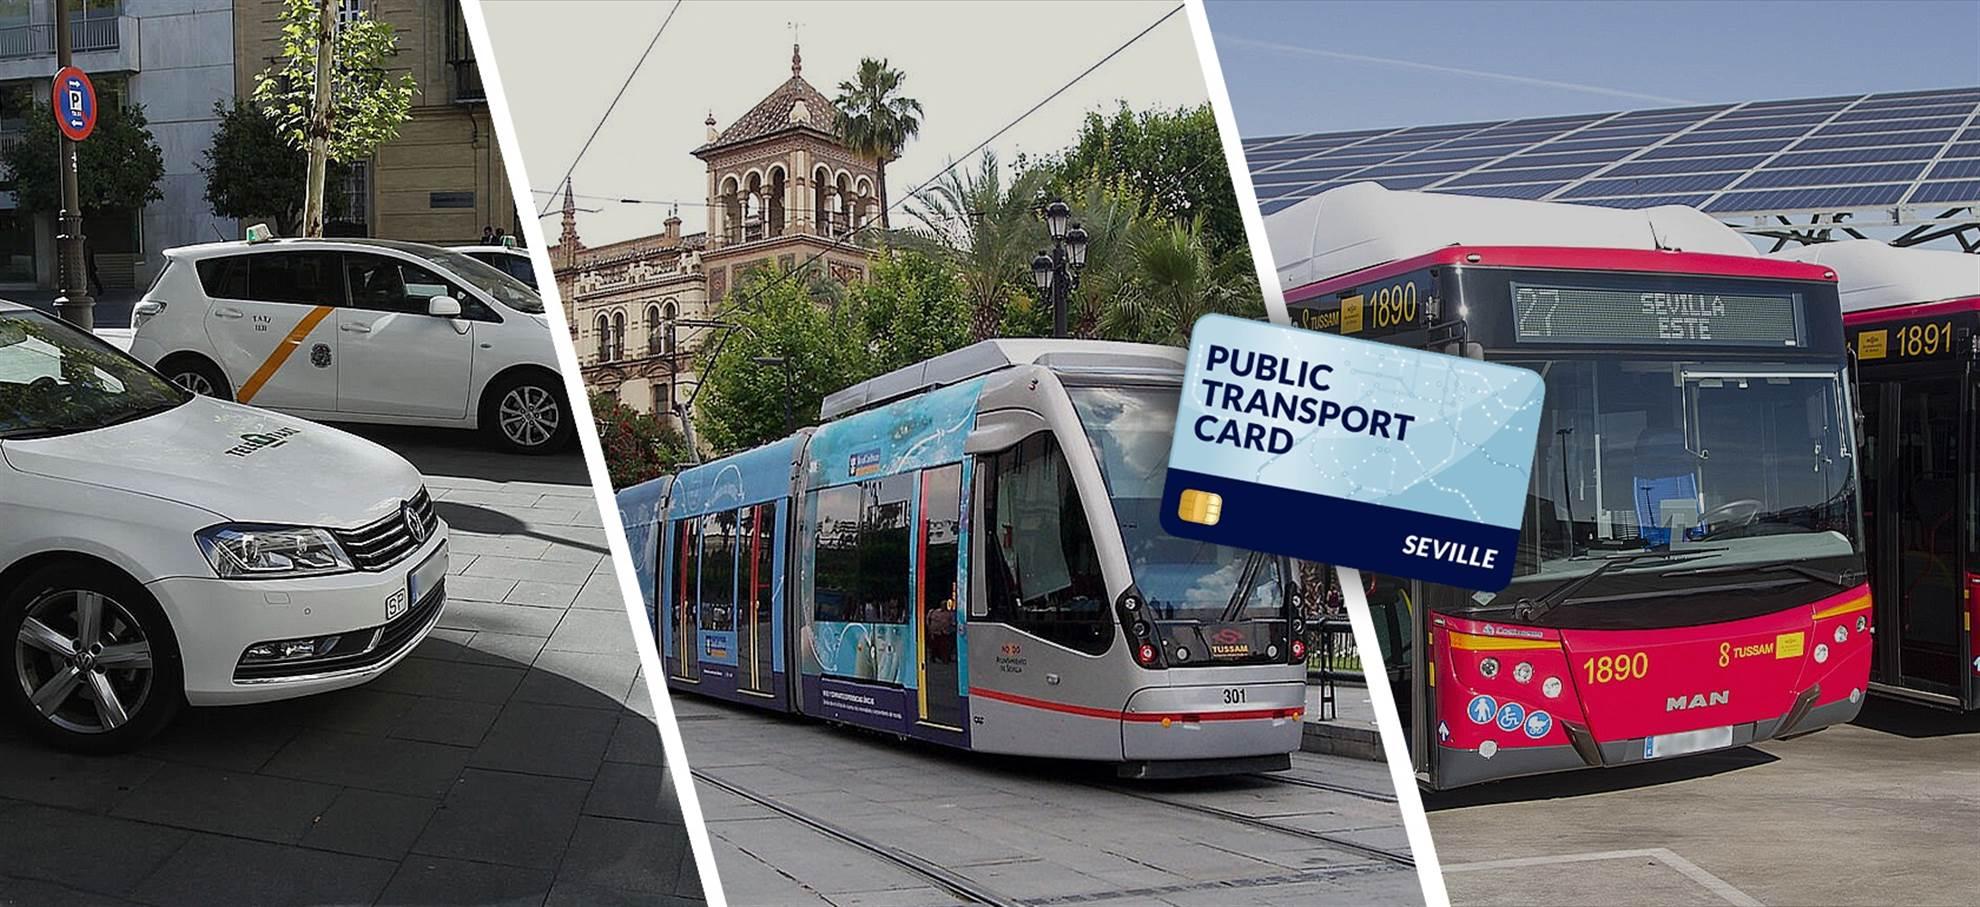 Sevilha Travel Card